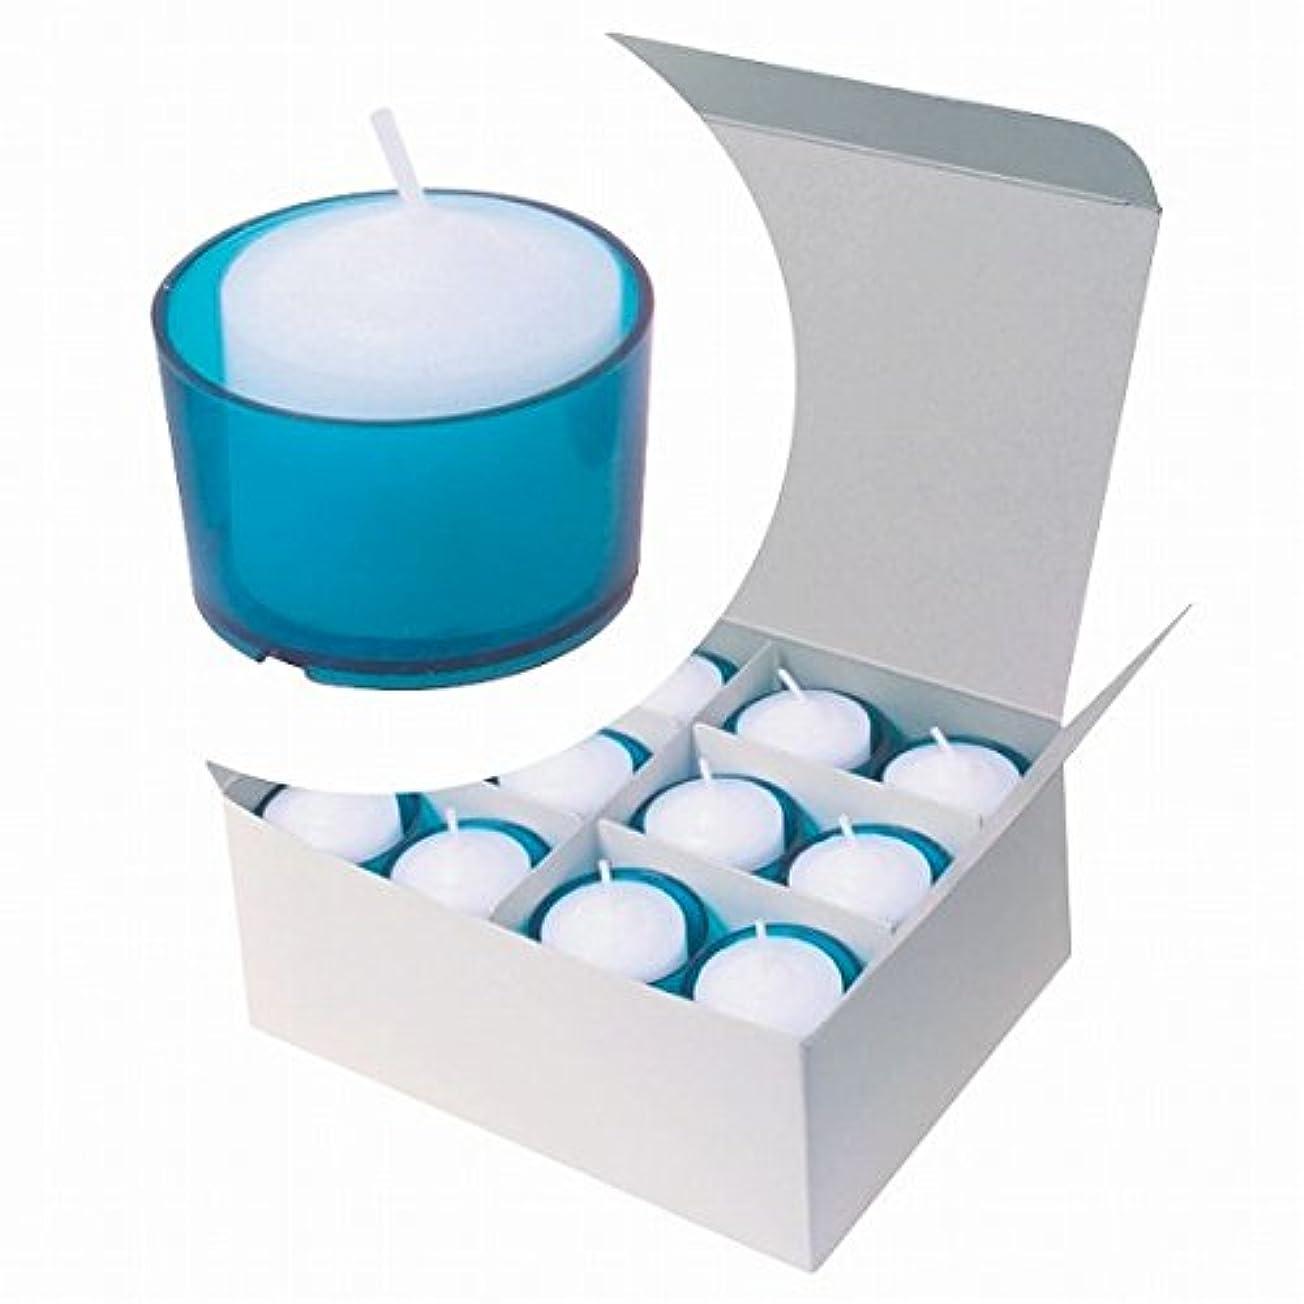 鑑定軽量作るカメヤマキャンドル(kameyama candle) カラークリアカップボーティブ6時間タイプ 24個入り 「 ブルー 」